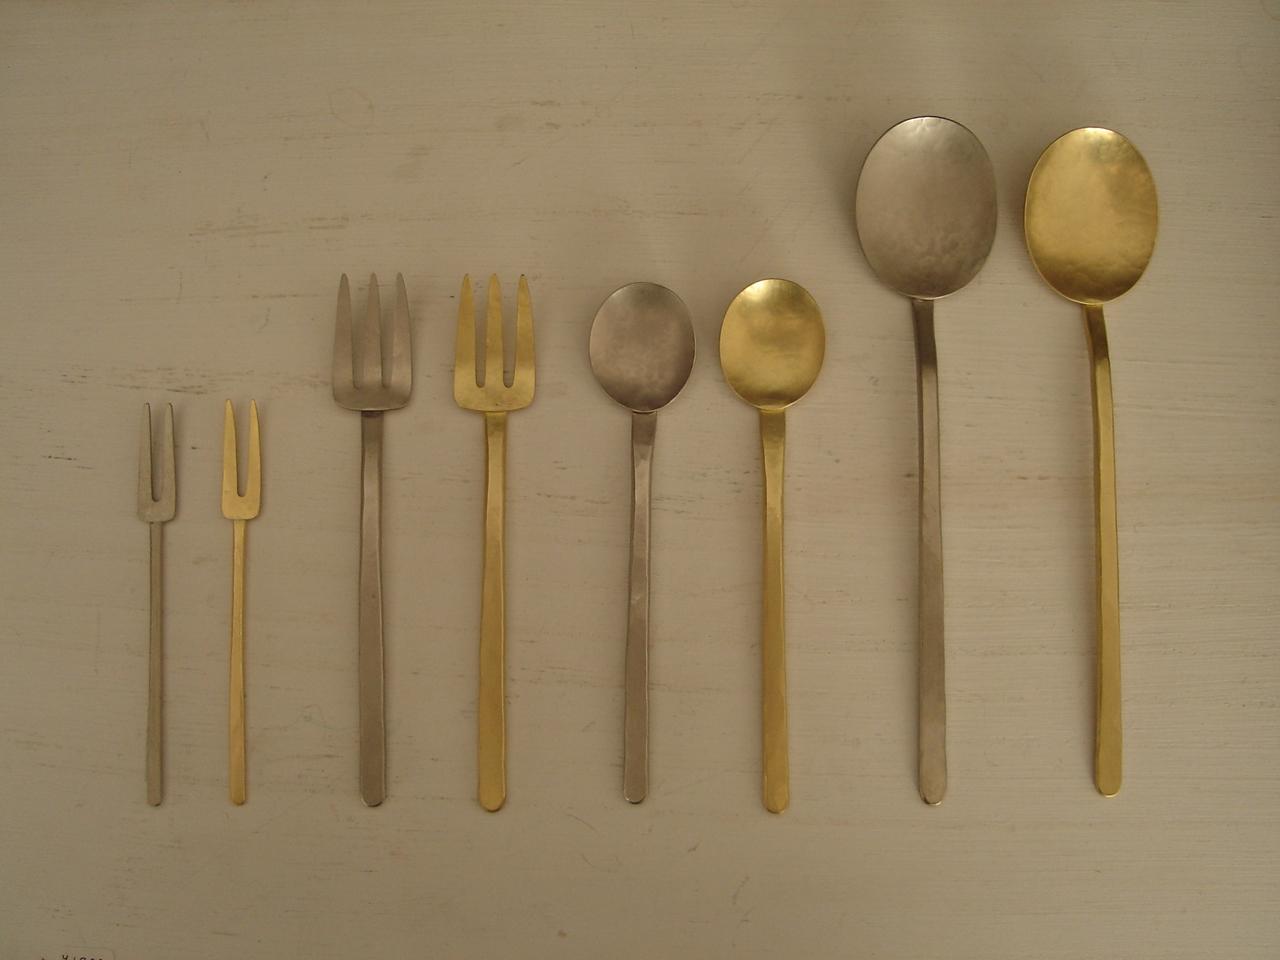 真鍮と洋白のカトラリー : お茶とギャラリー 1188